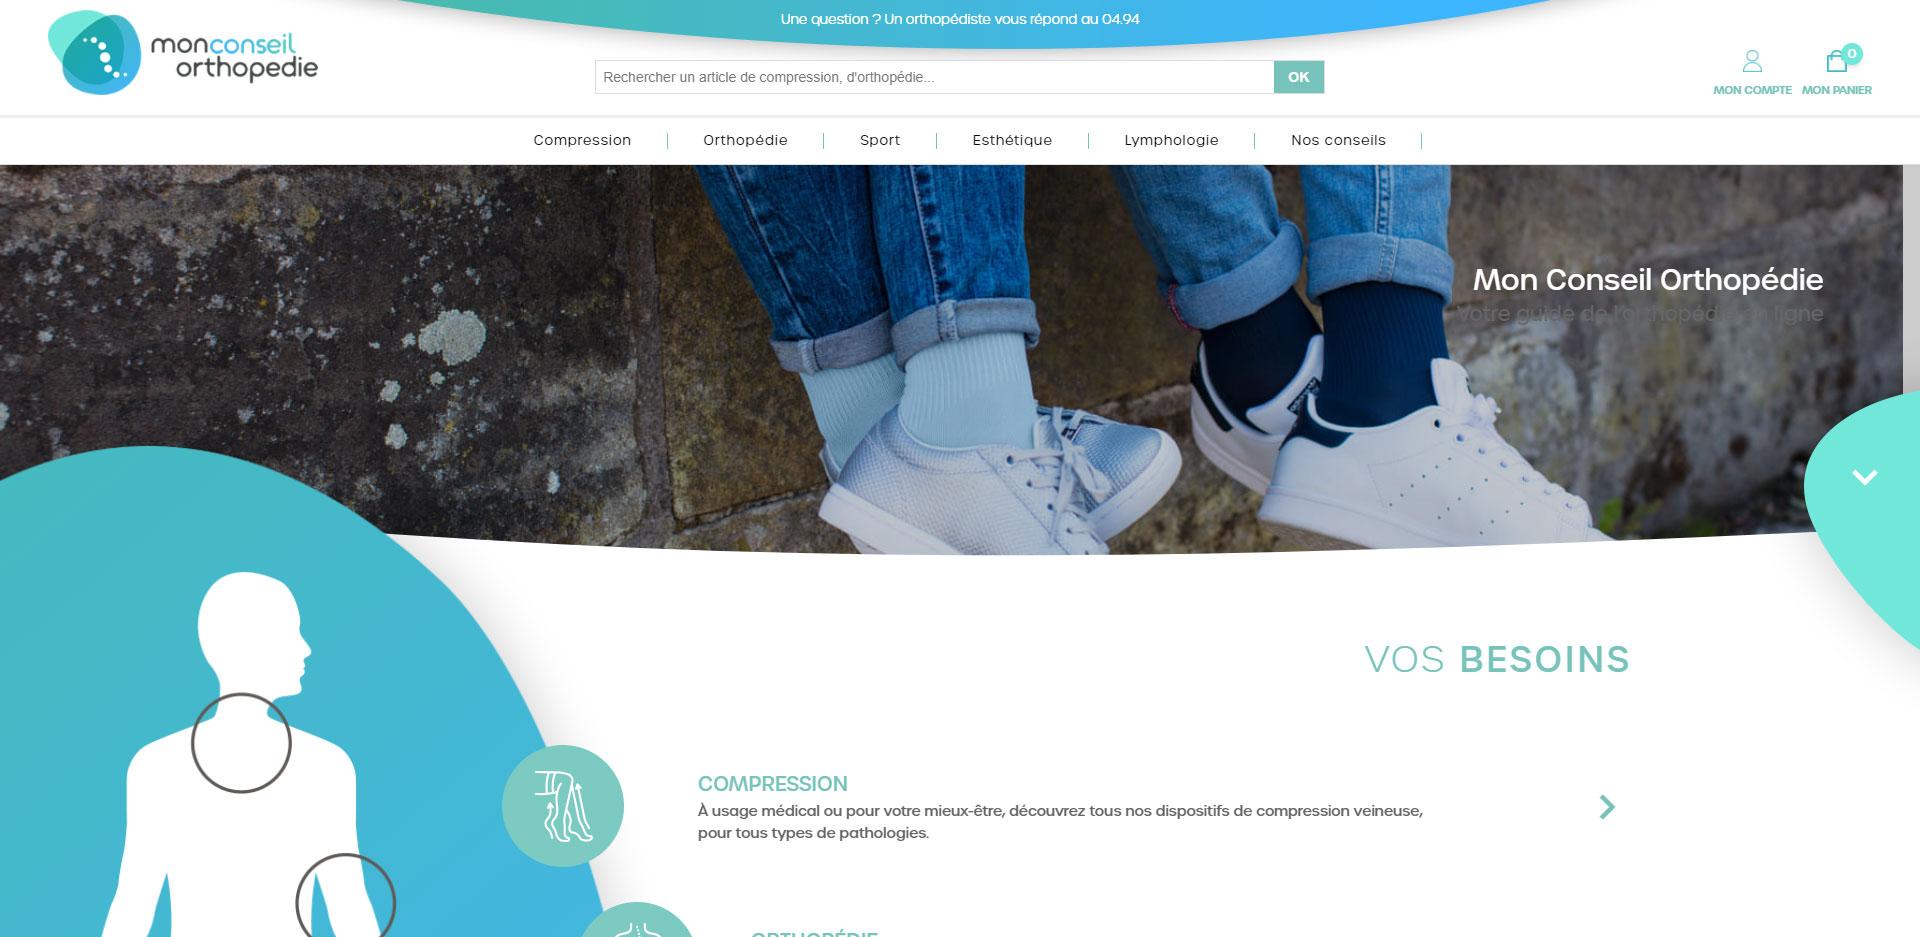 Mon conseil orthopedie : creation d'un site e commerce avec direction artistique